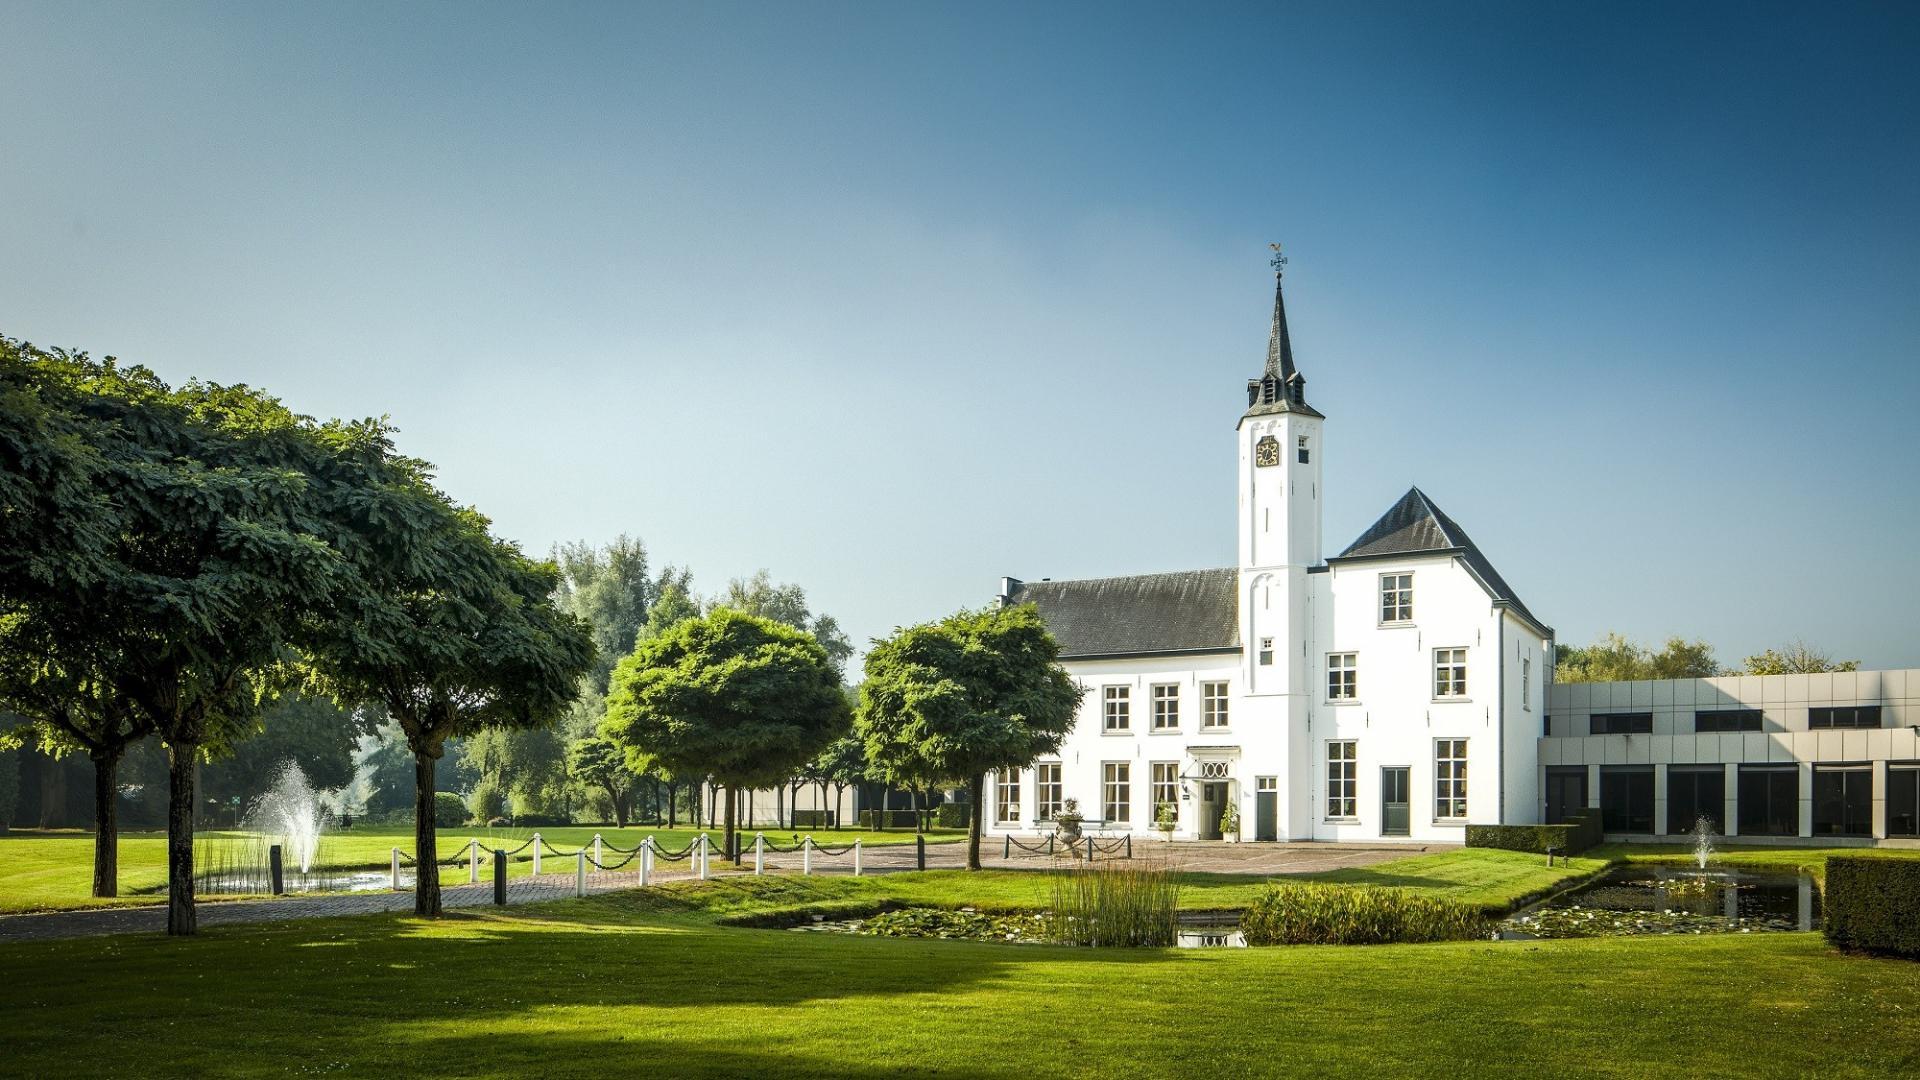 Dagaanbieding - 2 of 3 dagen luxe 4*-kasteelhotel in Noord-Brabant op ca. 8 km van Den Bosch incl. ontbijt dagelijkse koopjes